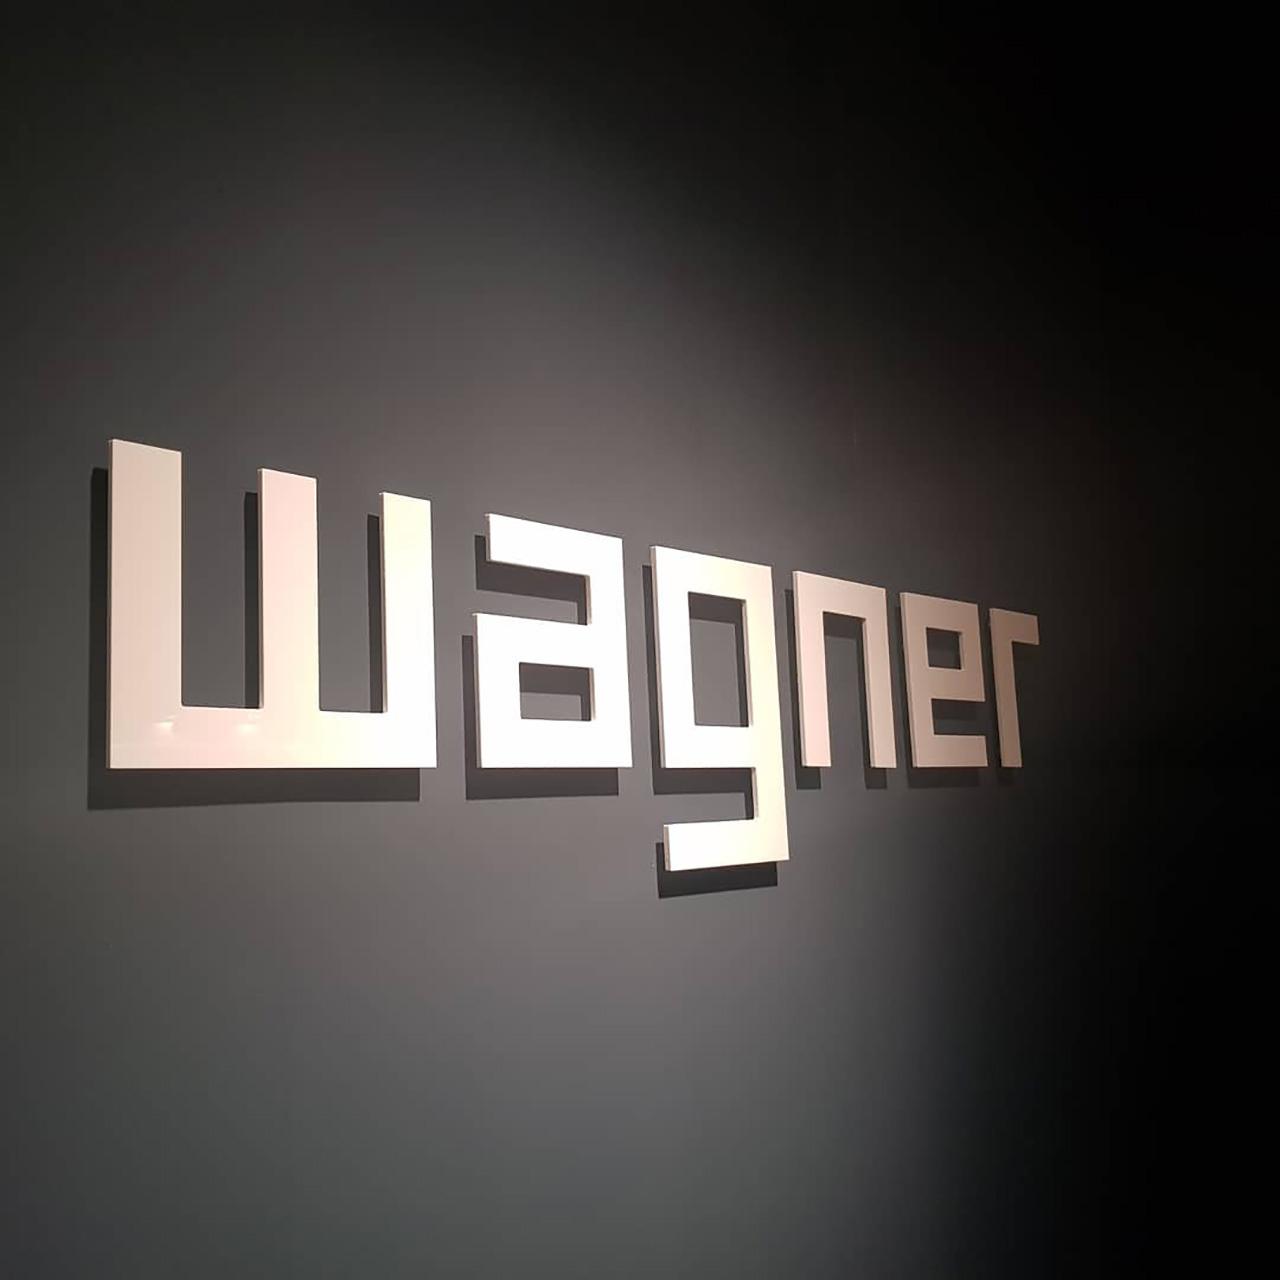 3D-Buchstaben aus Acrylox - Werbetechnik by eest!